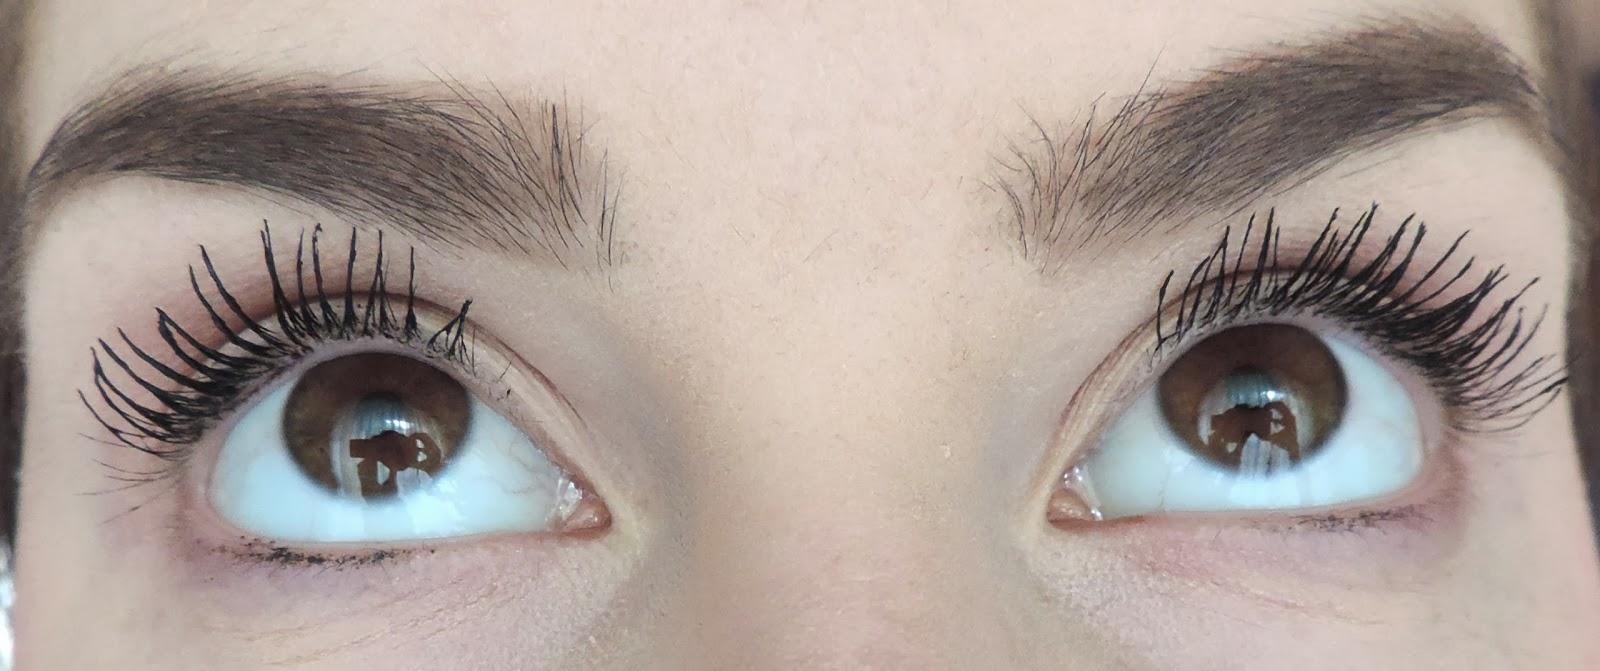 Ysl Doll Eyes Mascara gallery